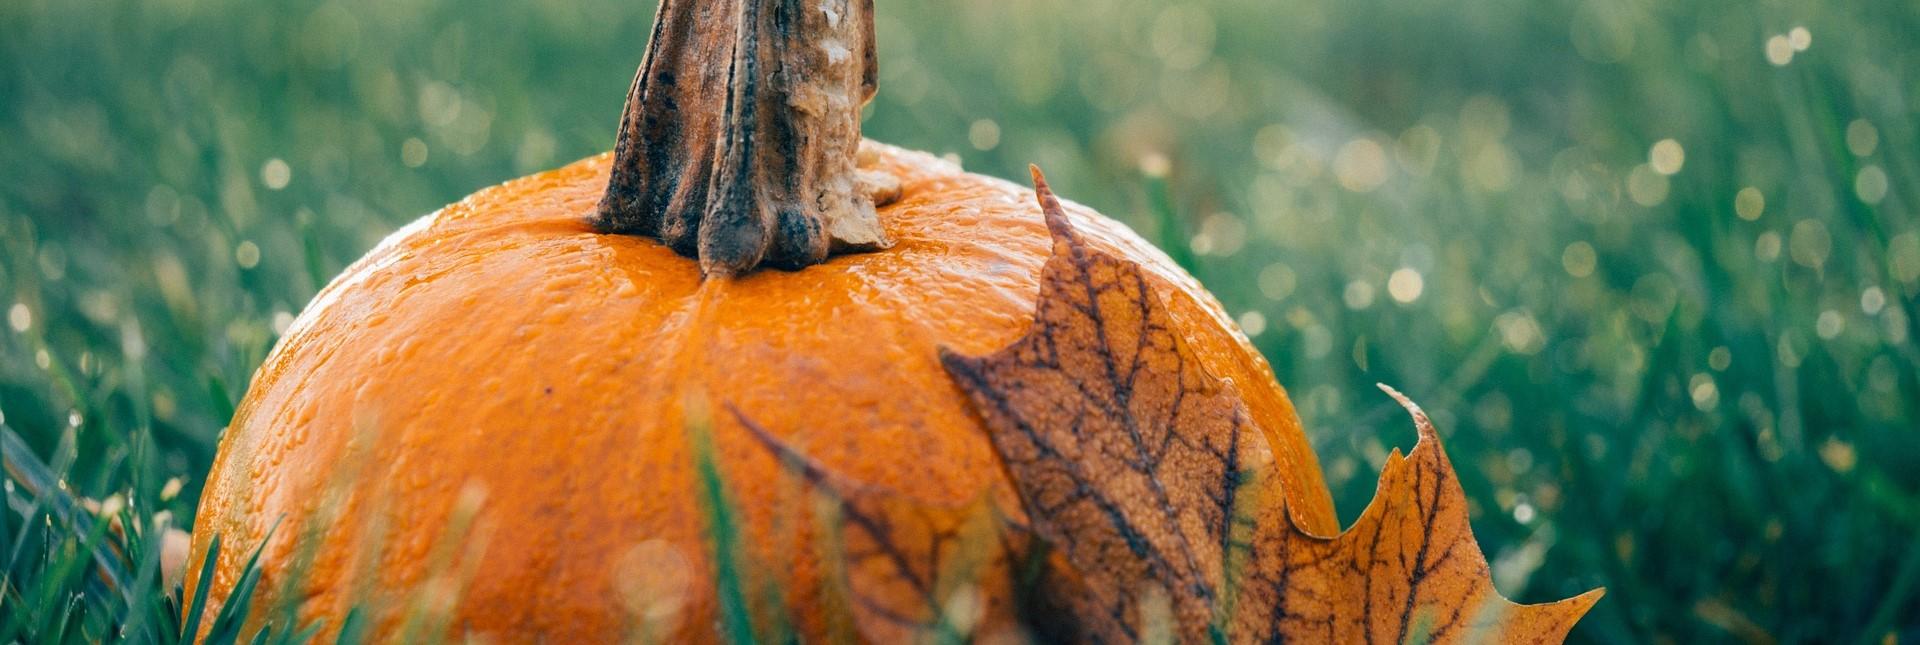 Pumpkin Picking this Autumn Season | Breast Cancer Car Donations